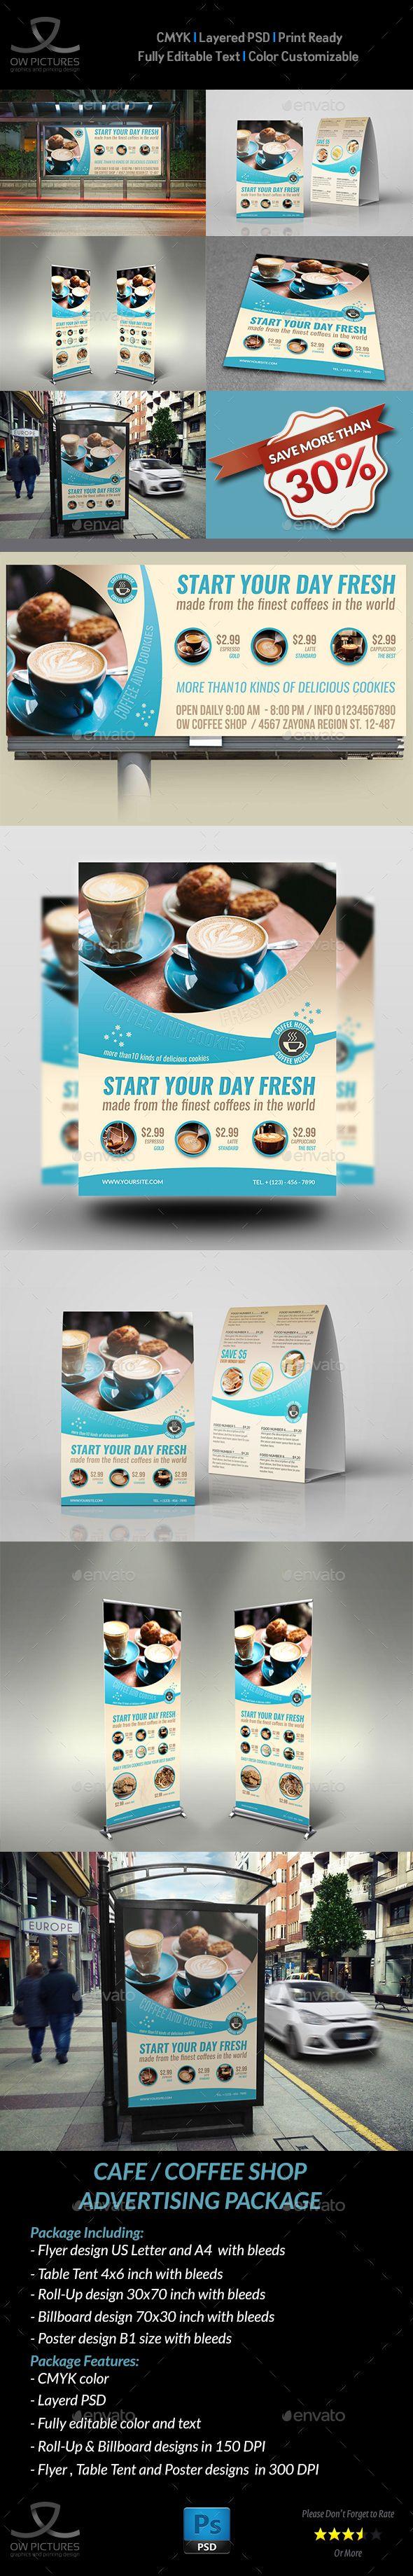 3 color poster designs - Cafe Advertising Bundle Vol 3 Poster Designsdesign